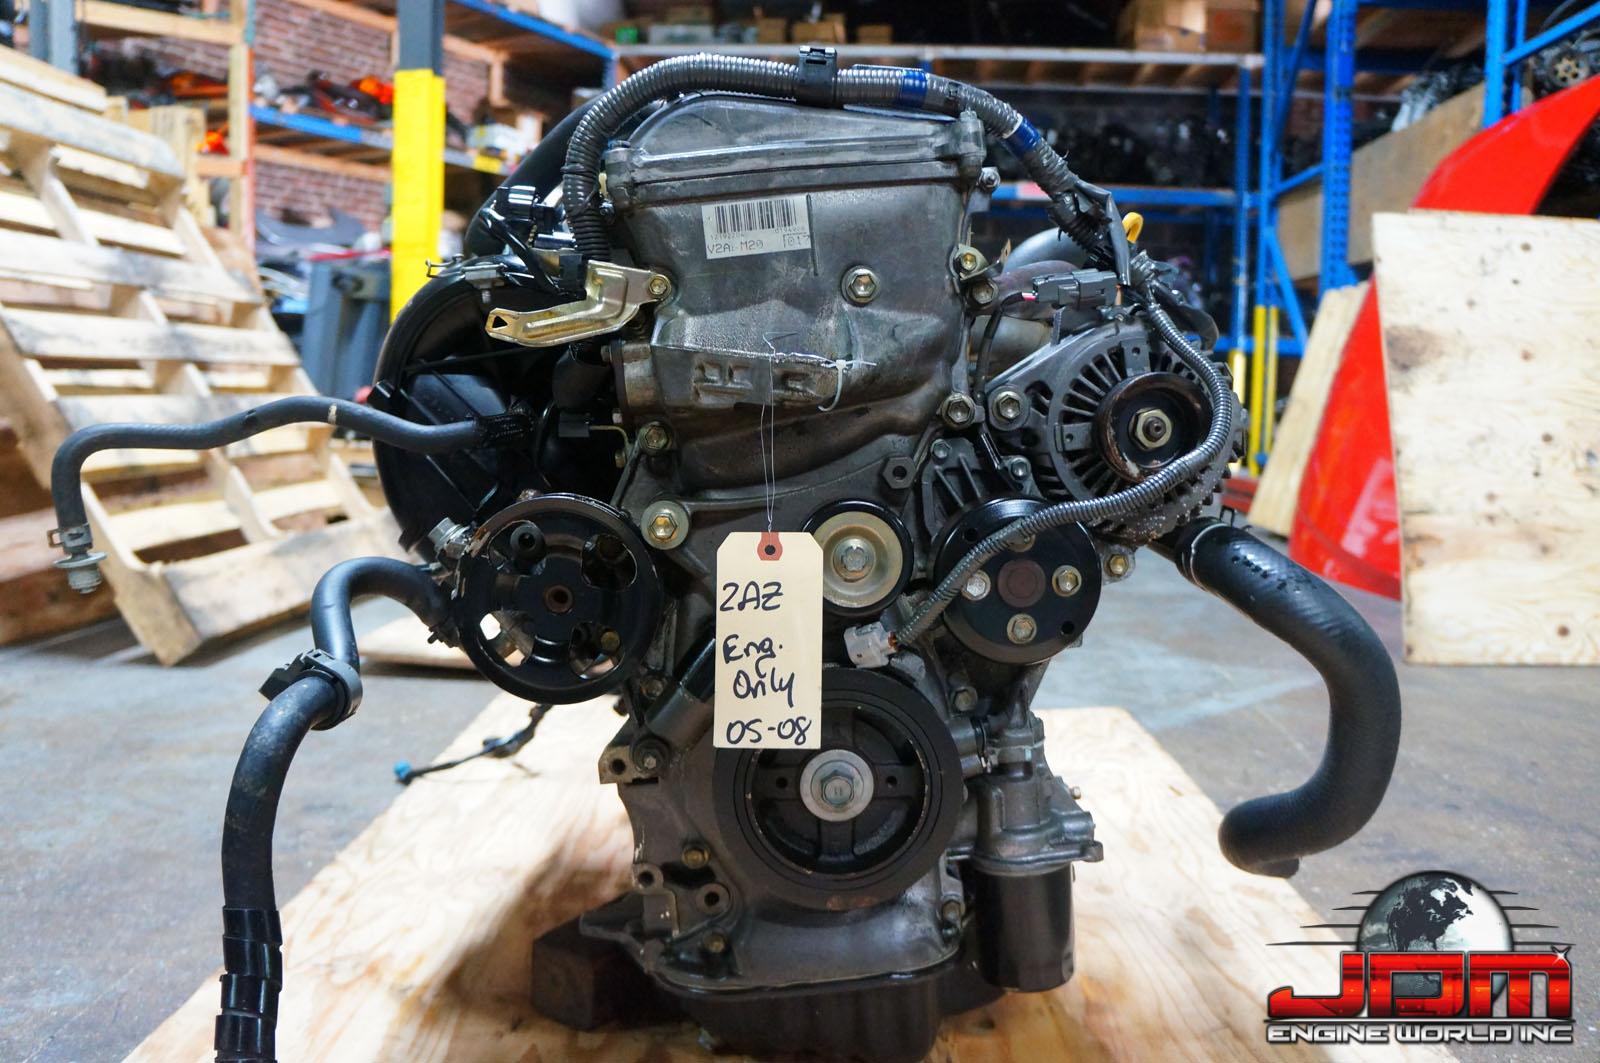 03 04 05 06 TOYOTA RAV4 2AZ-FE ENGINE 2.4L VVTi JDM 2AZ